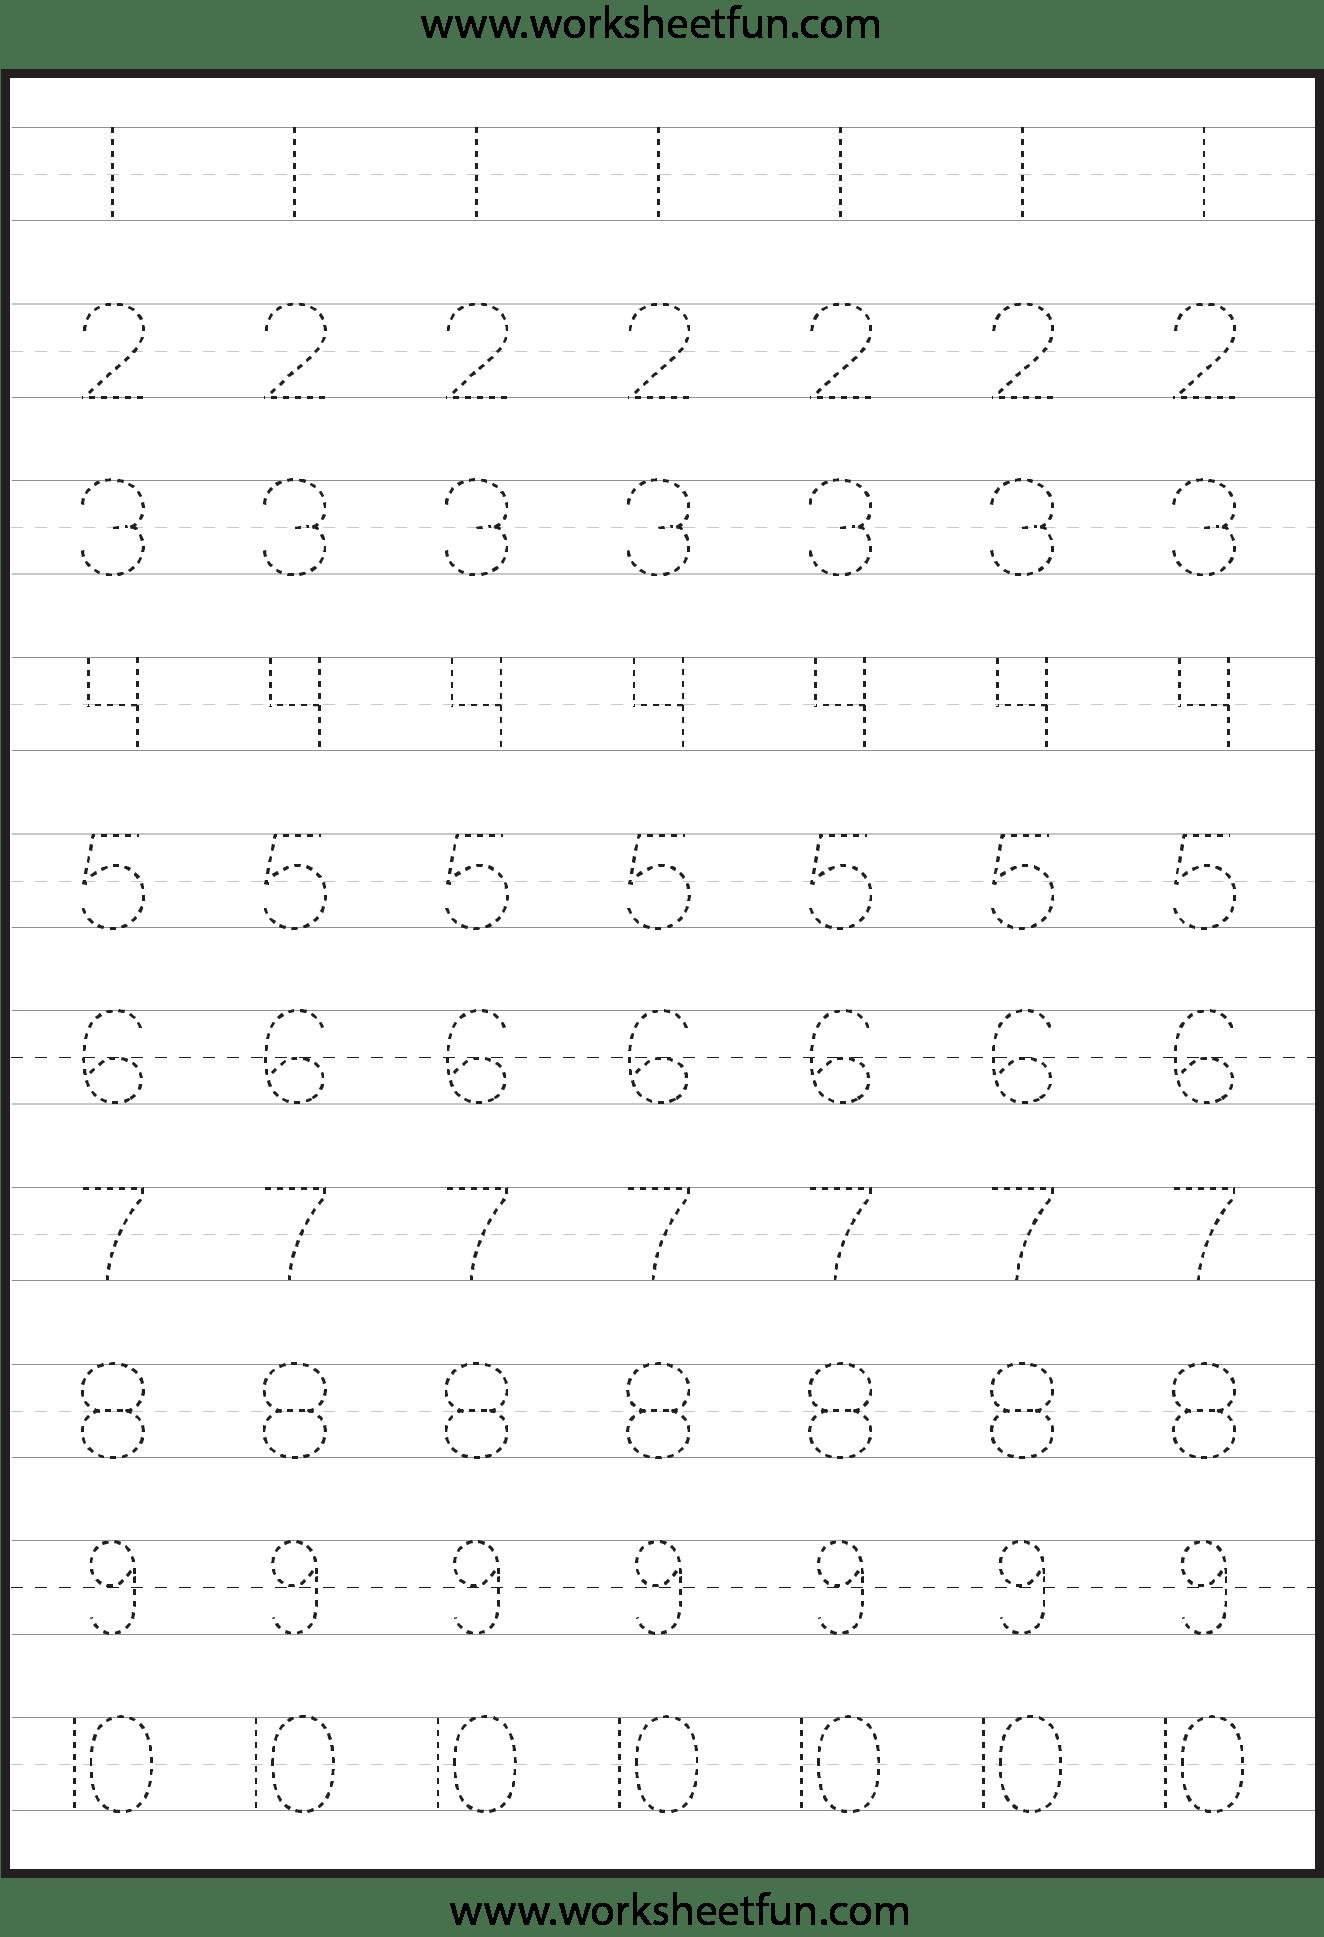 Number Tracing Worksheets For Kindergarten 1 10 Ten Worksheets Free Printable Worksheets